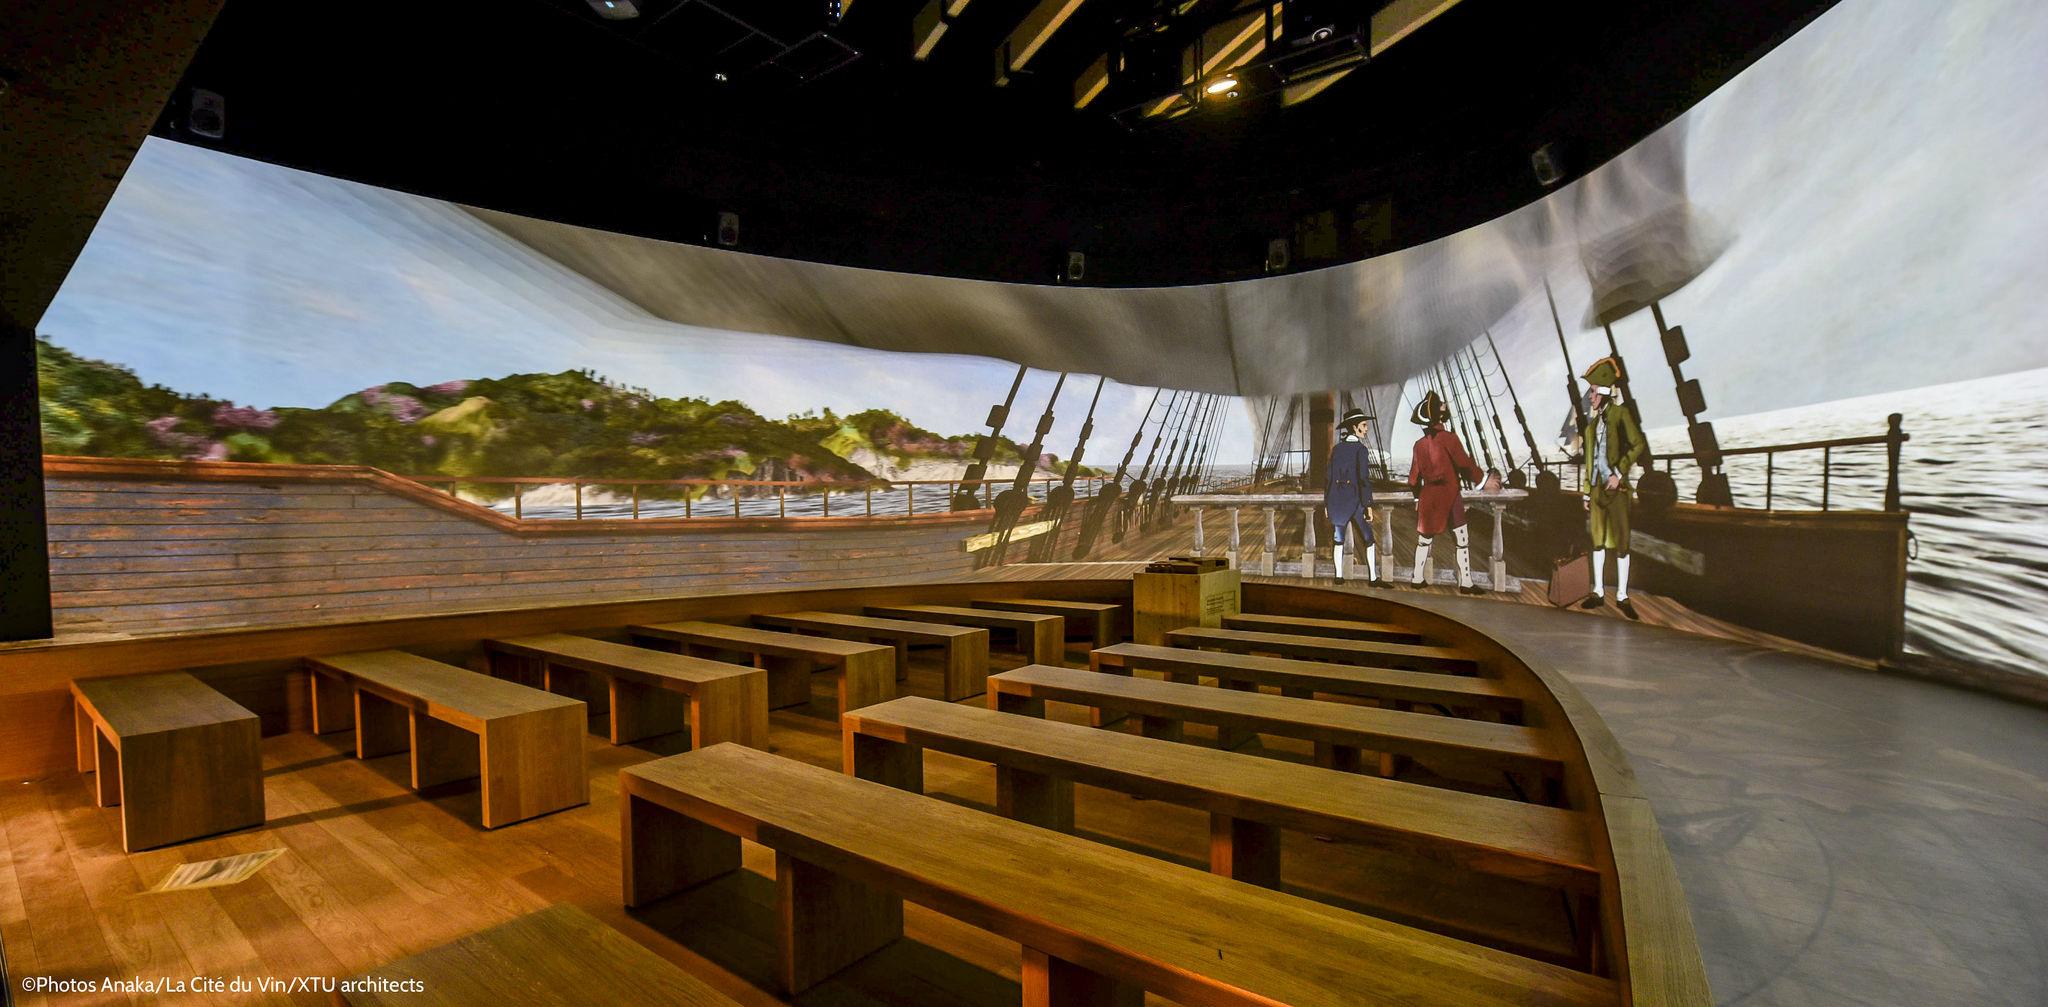 この博物館でしか、世界中のワインの魅力を「五感で体験」することはできない